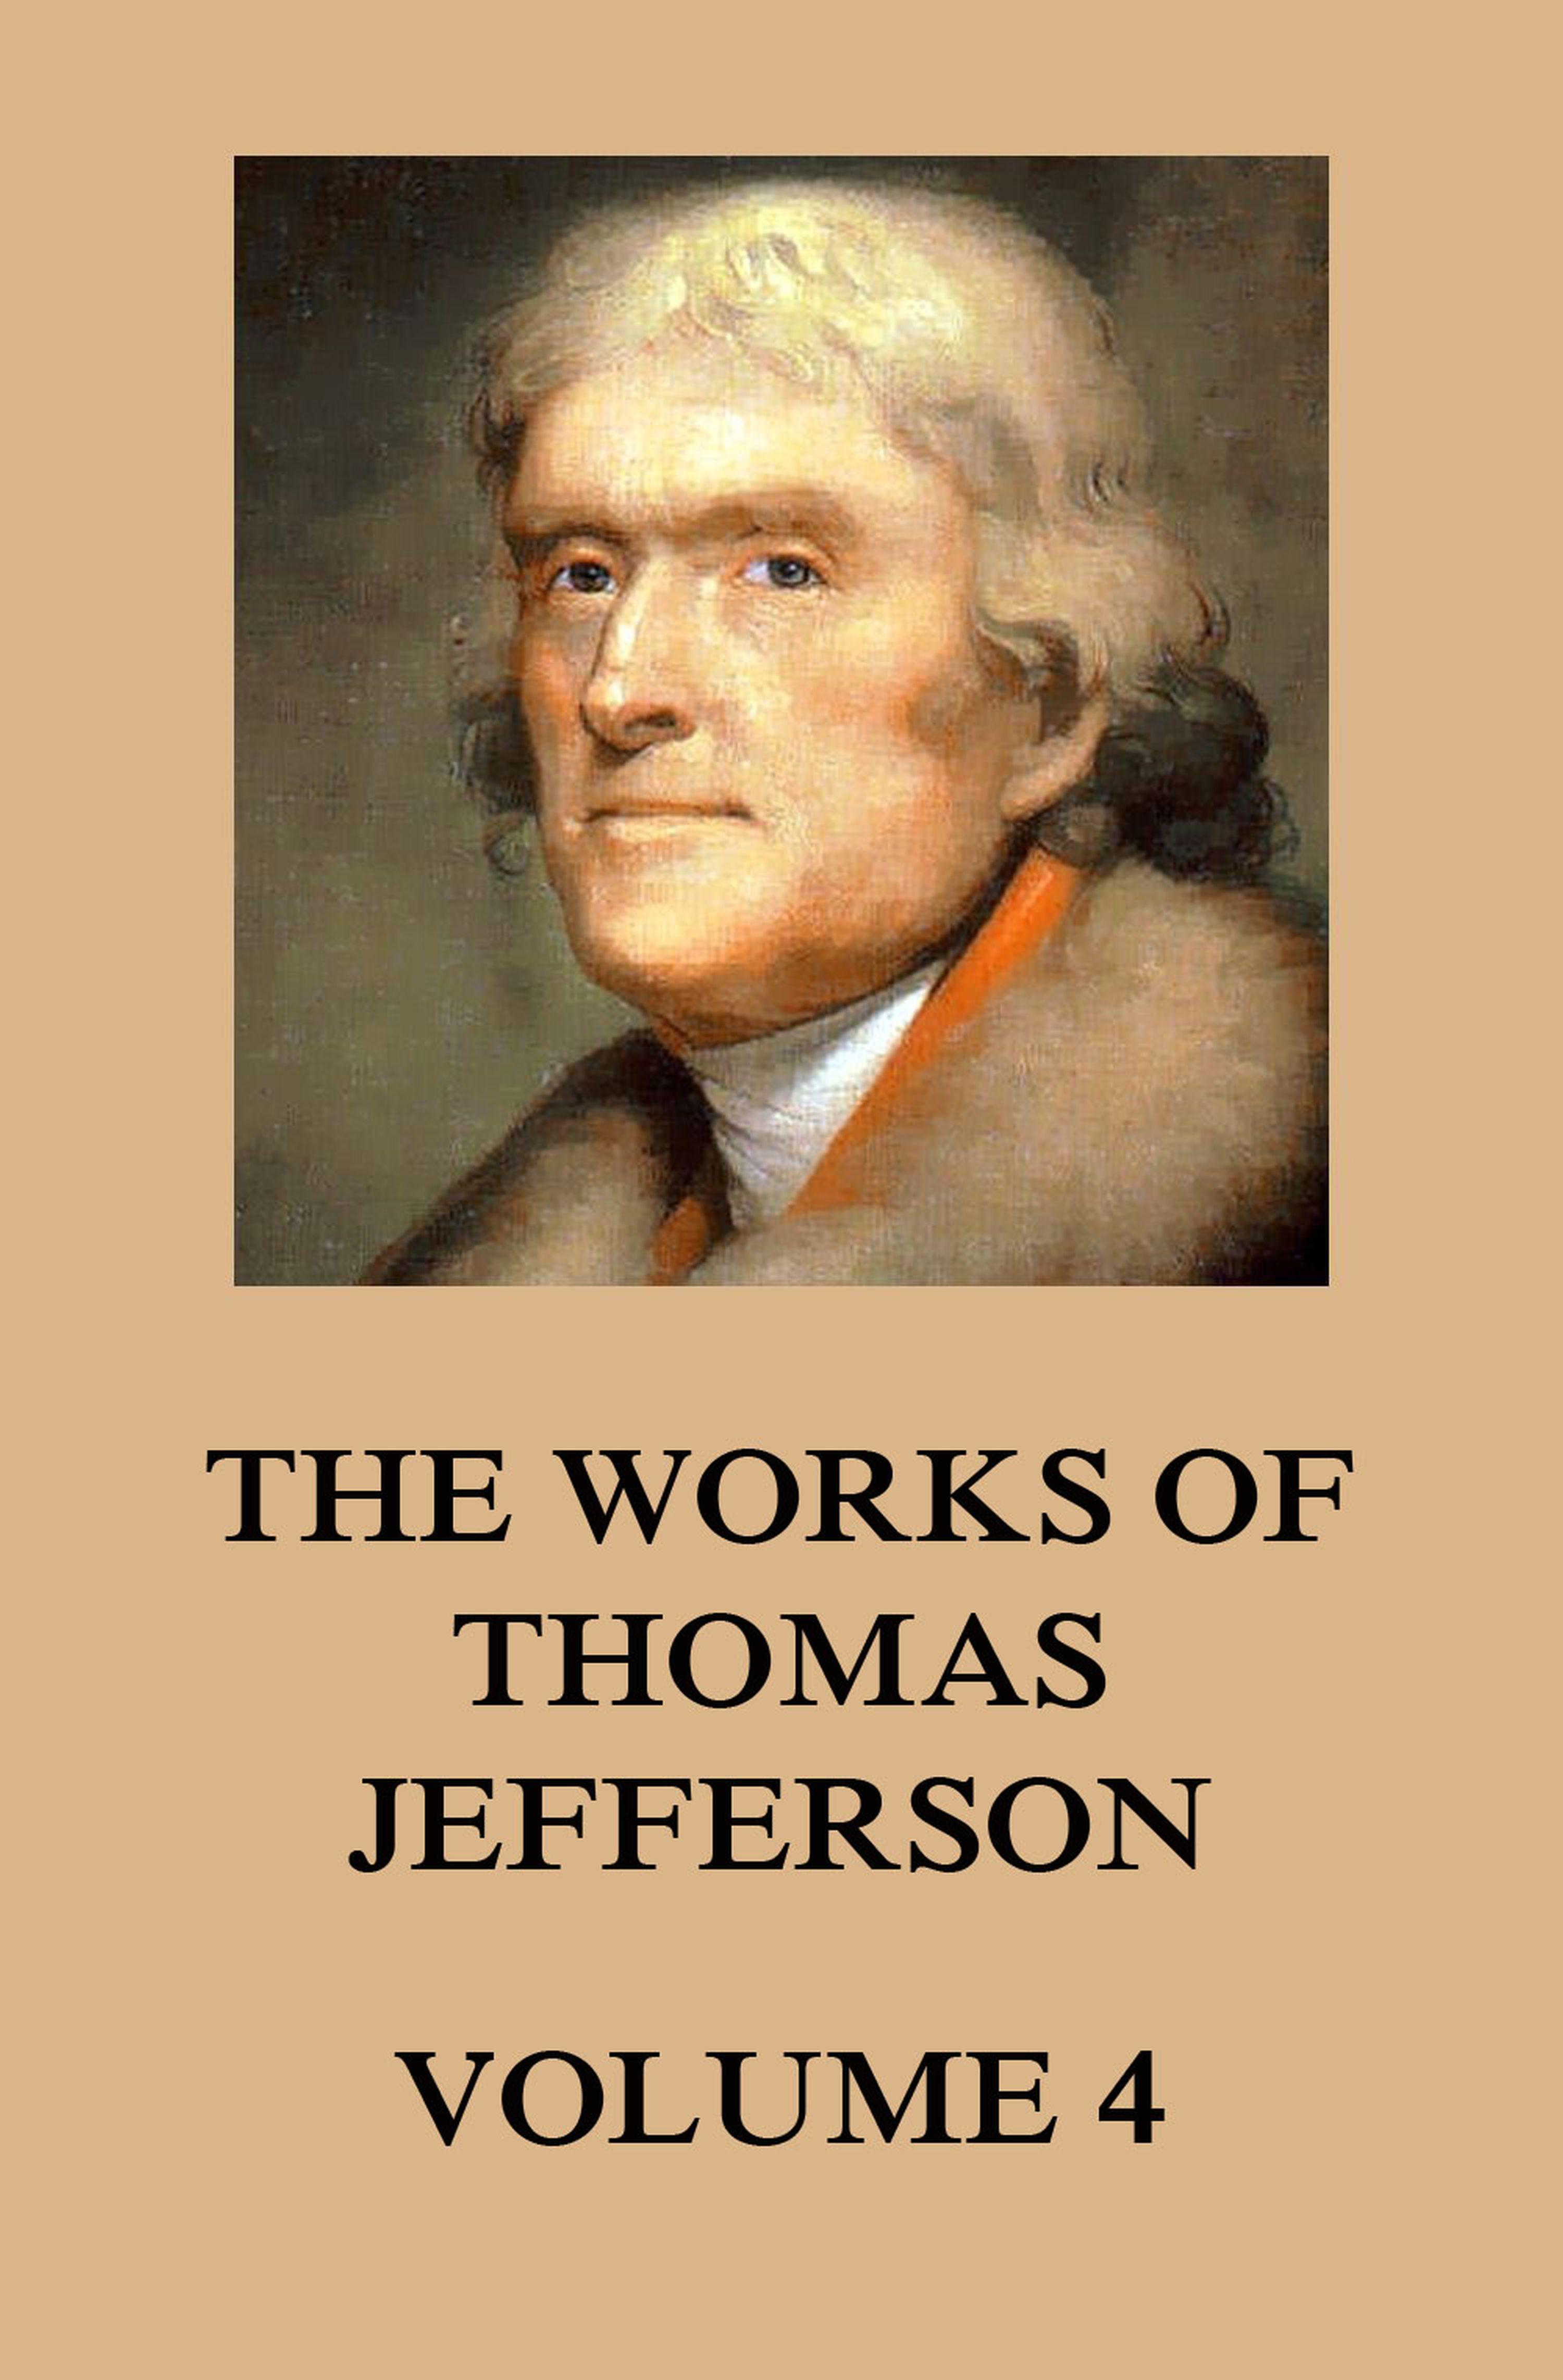 Thomas Jefferson The Works of Thomas Jefferson simon wilkin the works of sir thomas browne volume 3